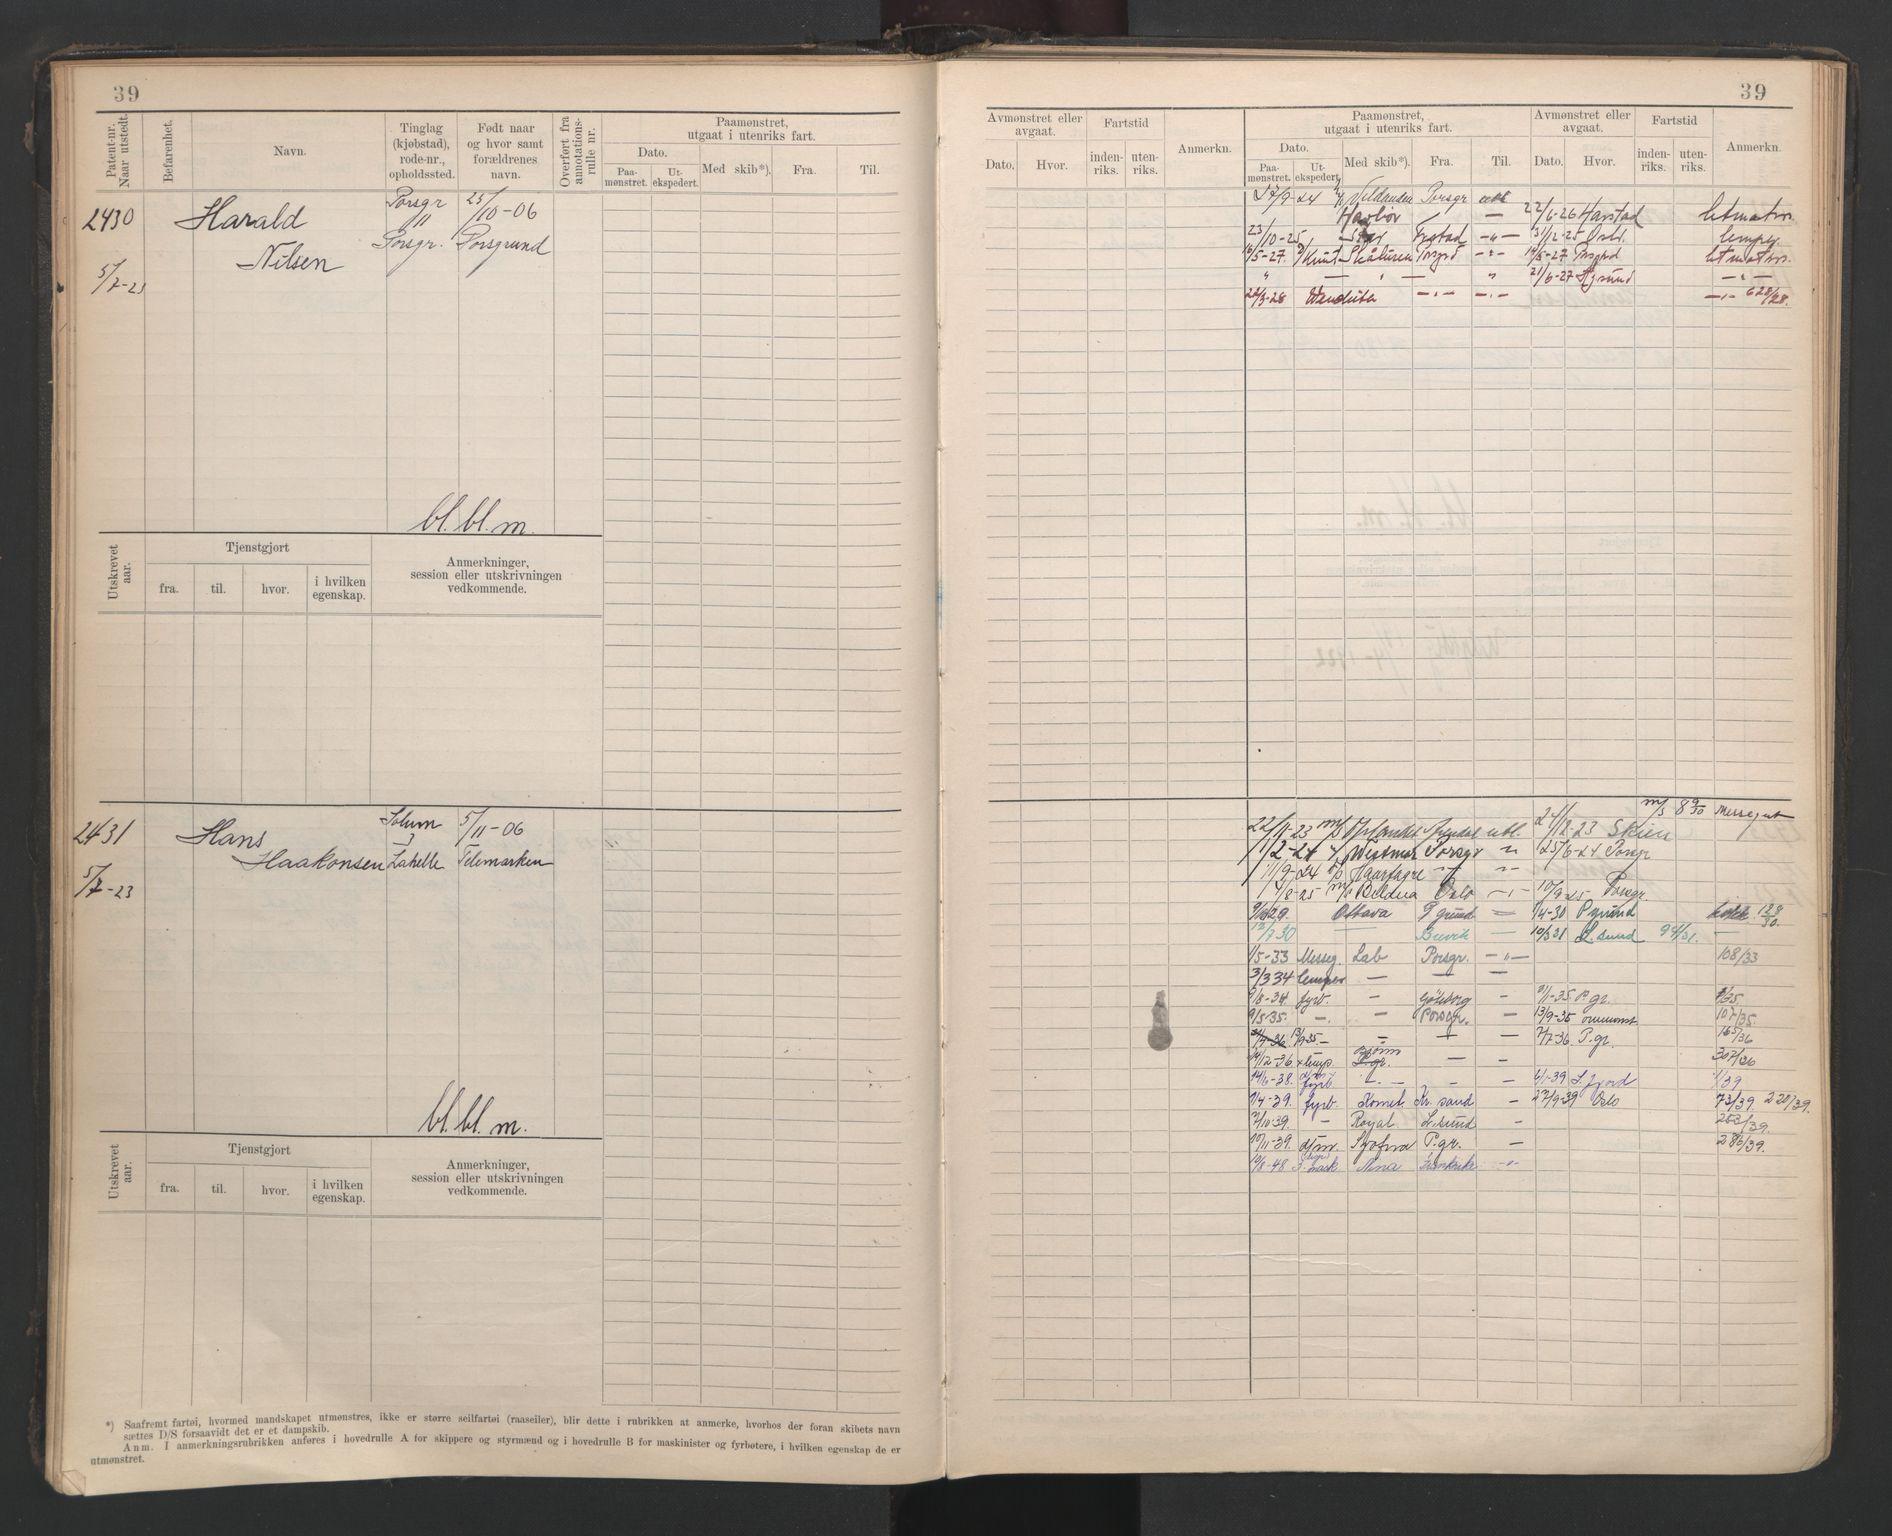 SAKO, Porsgrunn innrulleringskontor, F/Fb/L0007: Annotasjonsrulle, 1926-1948, s. 38